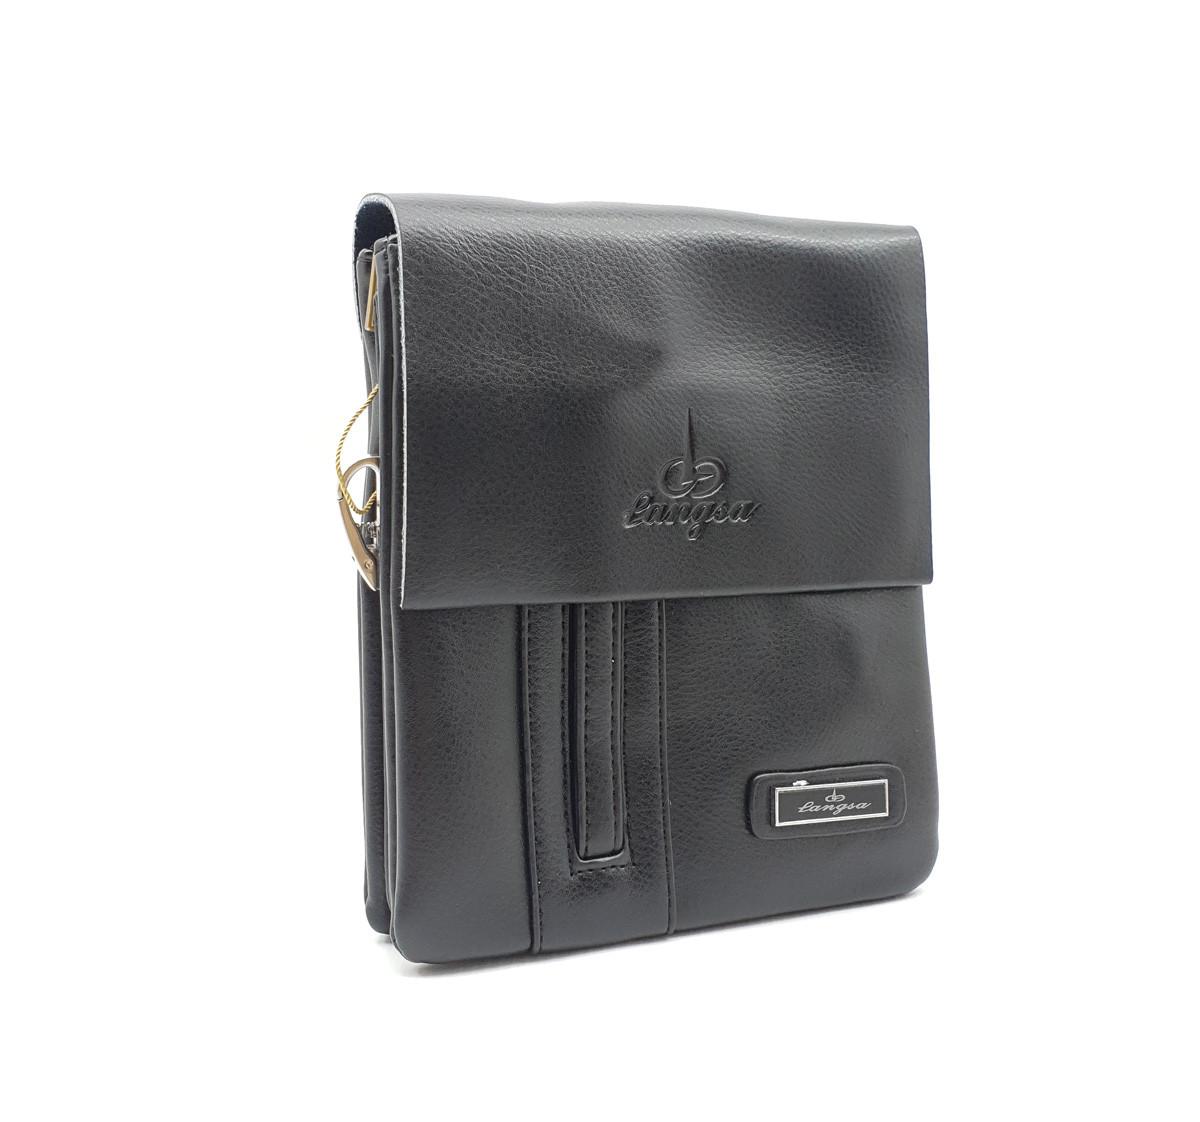 2d50685033cd Маленькая мужская сумка Langsa из качественной кожи PU(6725-1) - Tinder  Интернет